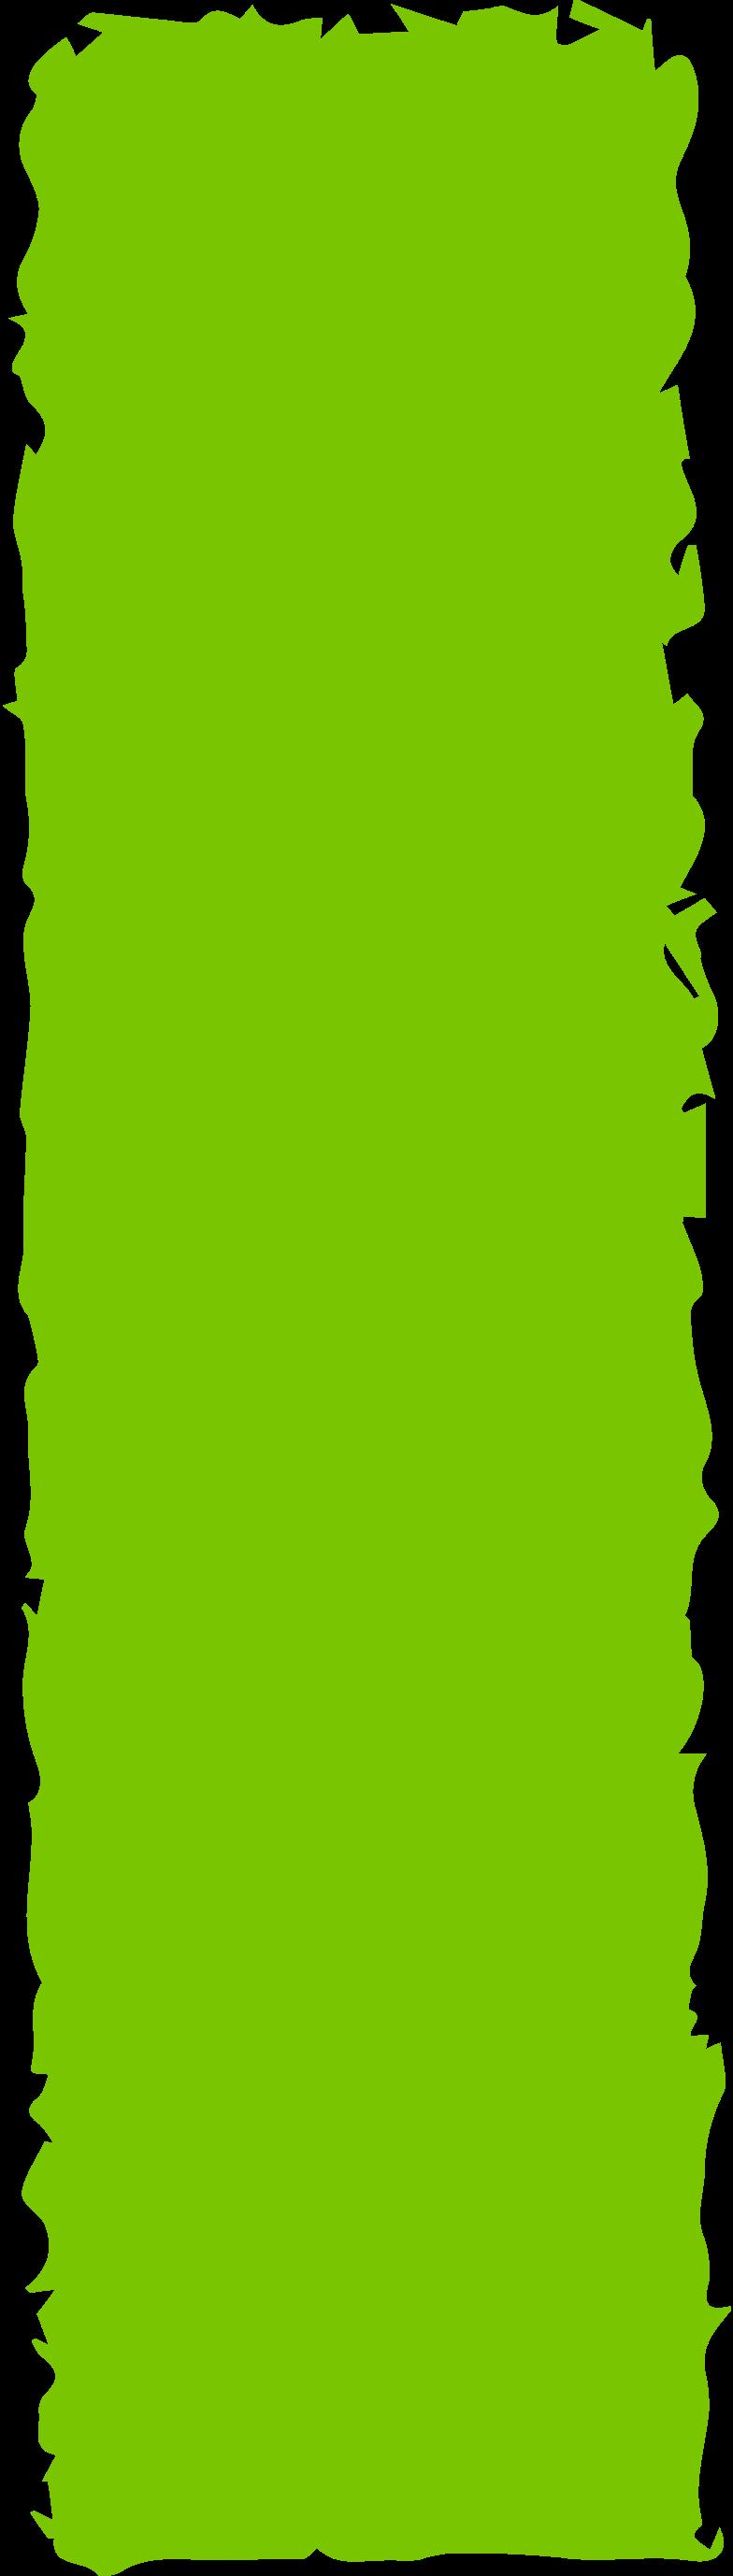 Imágenes vectoriales bloque verde en PNG y SVG estilo  | Ilustraciones Icons8